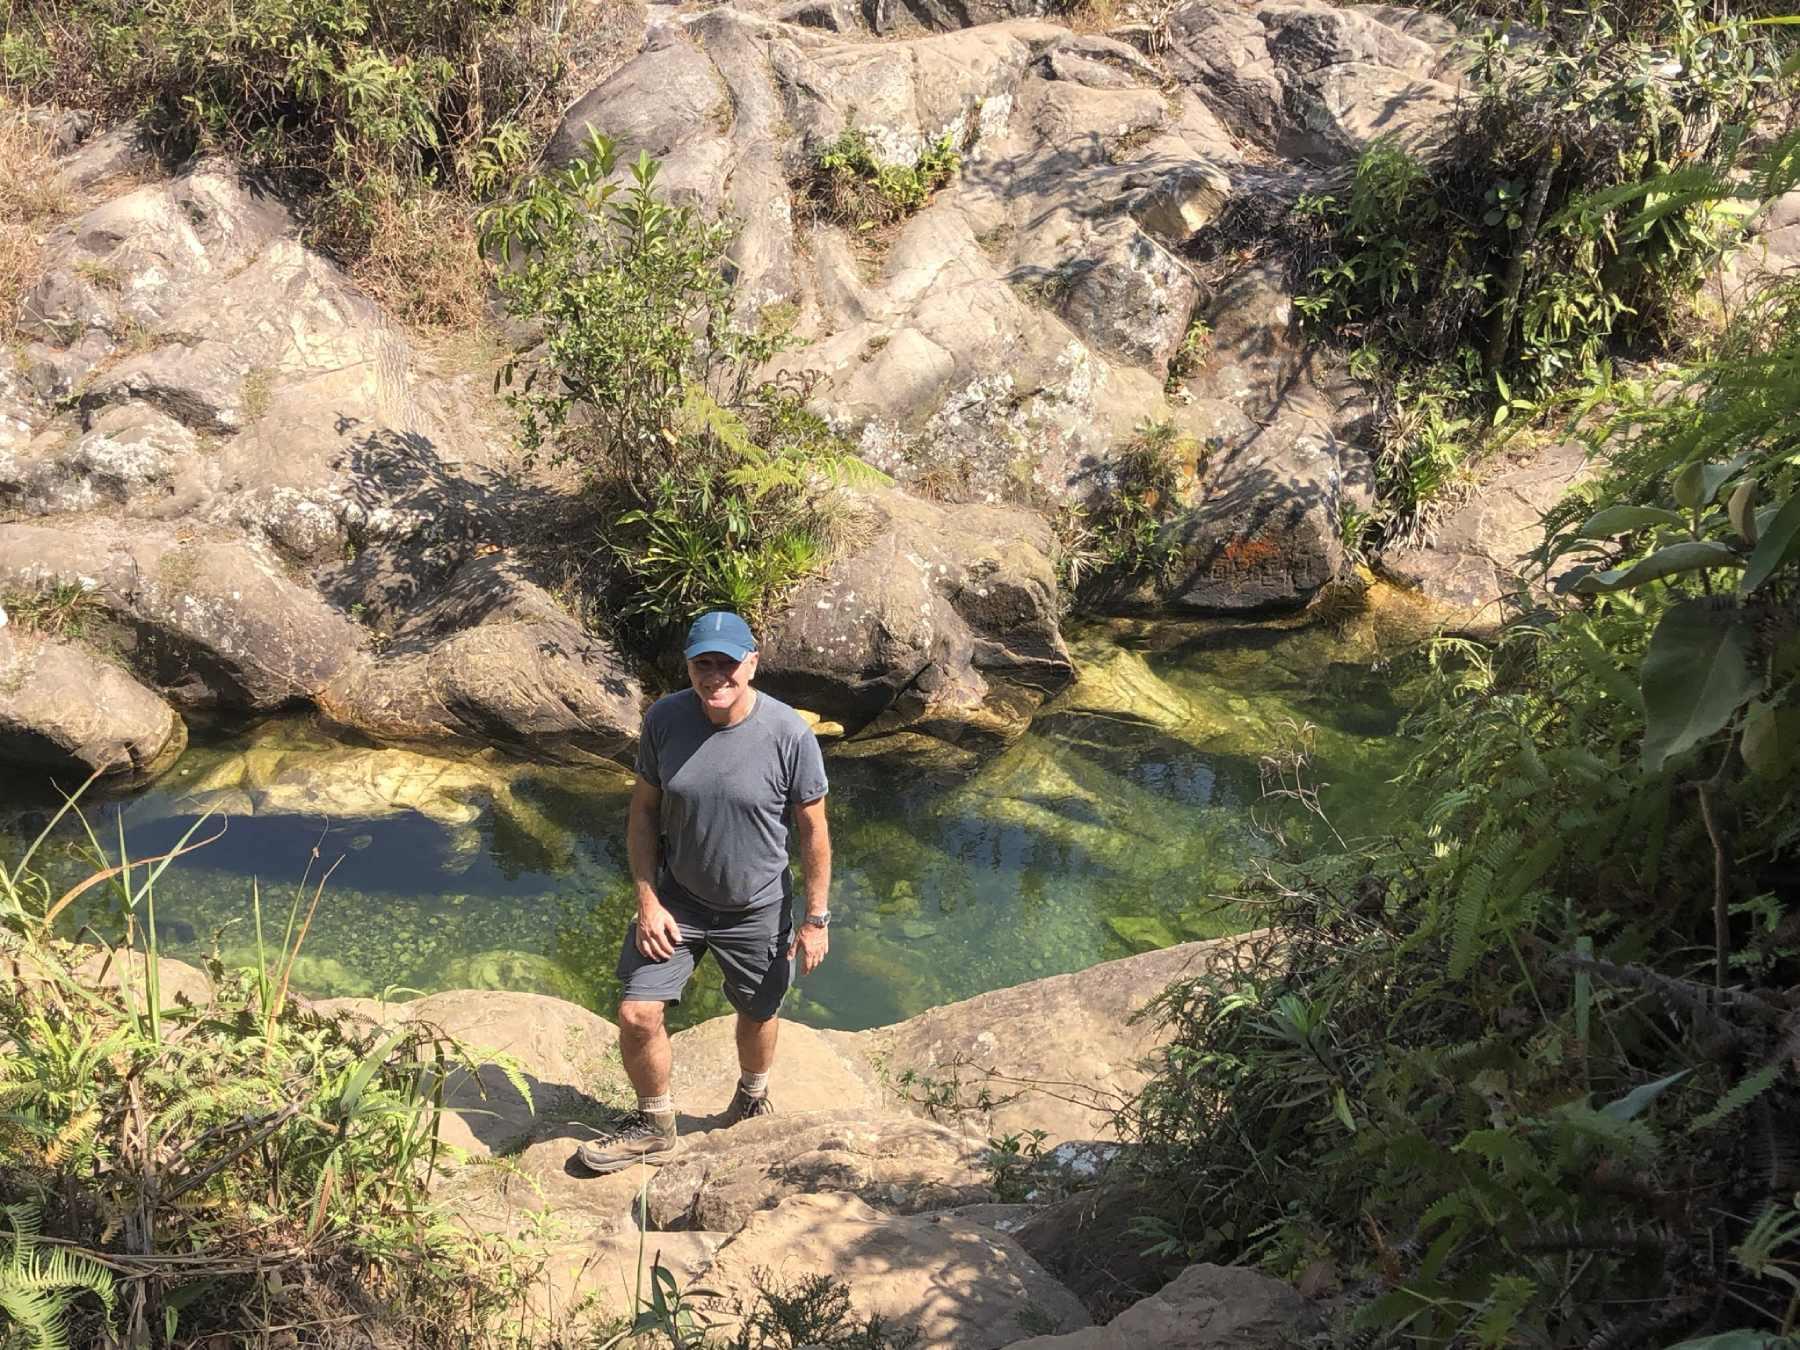 trilha Cachoeira do Mangue